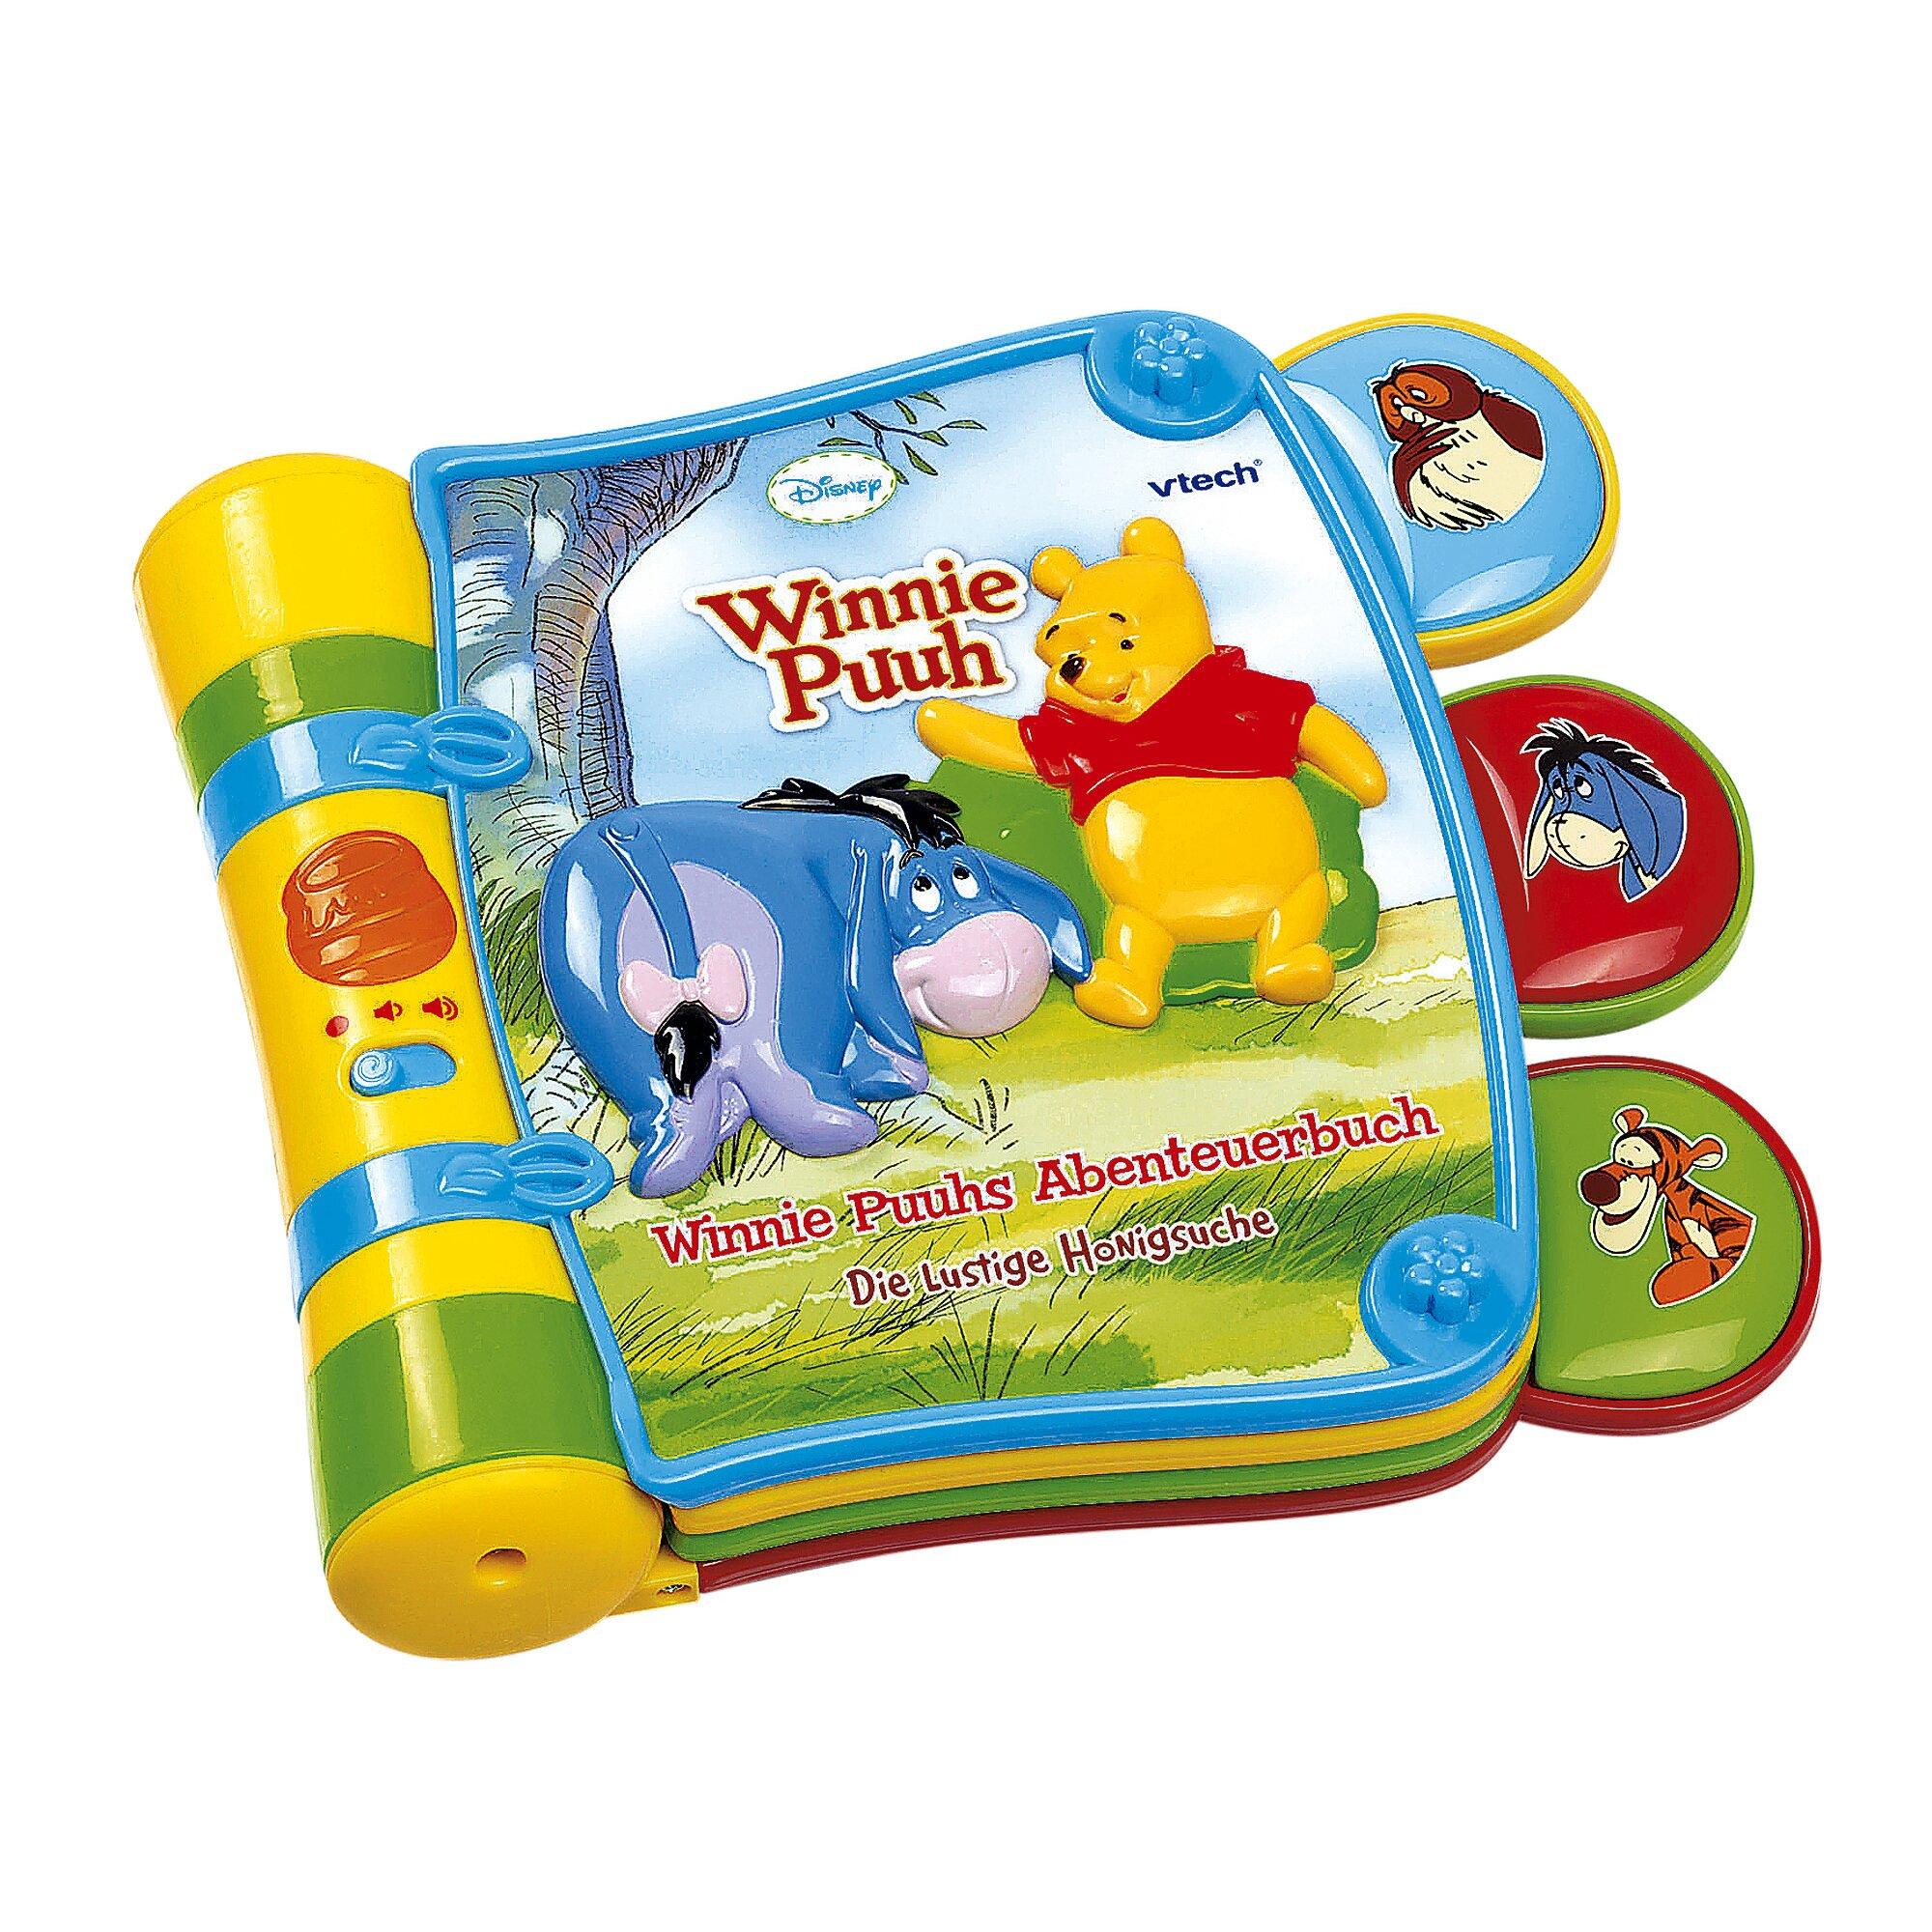 Disney Winnie Puuh Musikspielzeug Abenteuerbuch - Die lustige Honigsuche